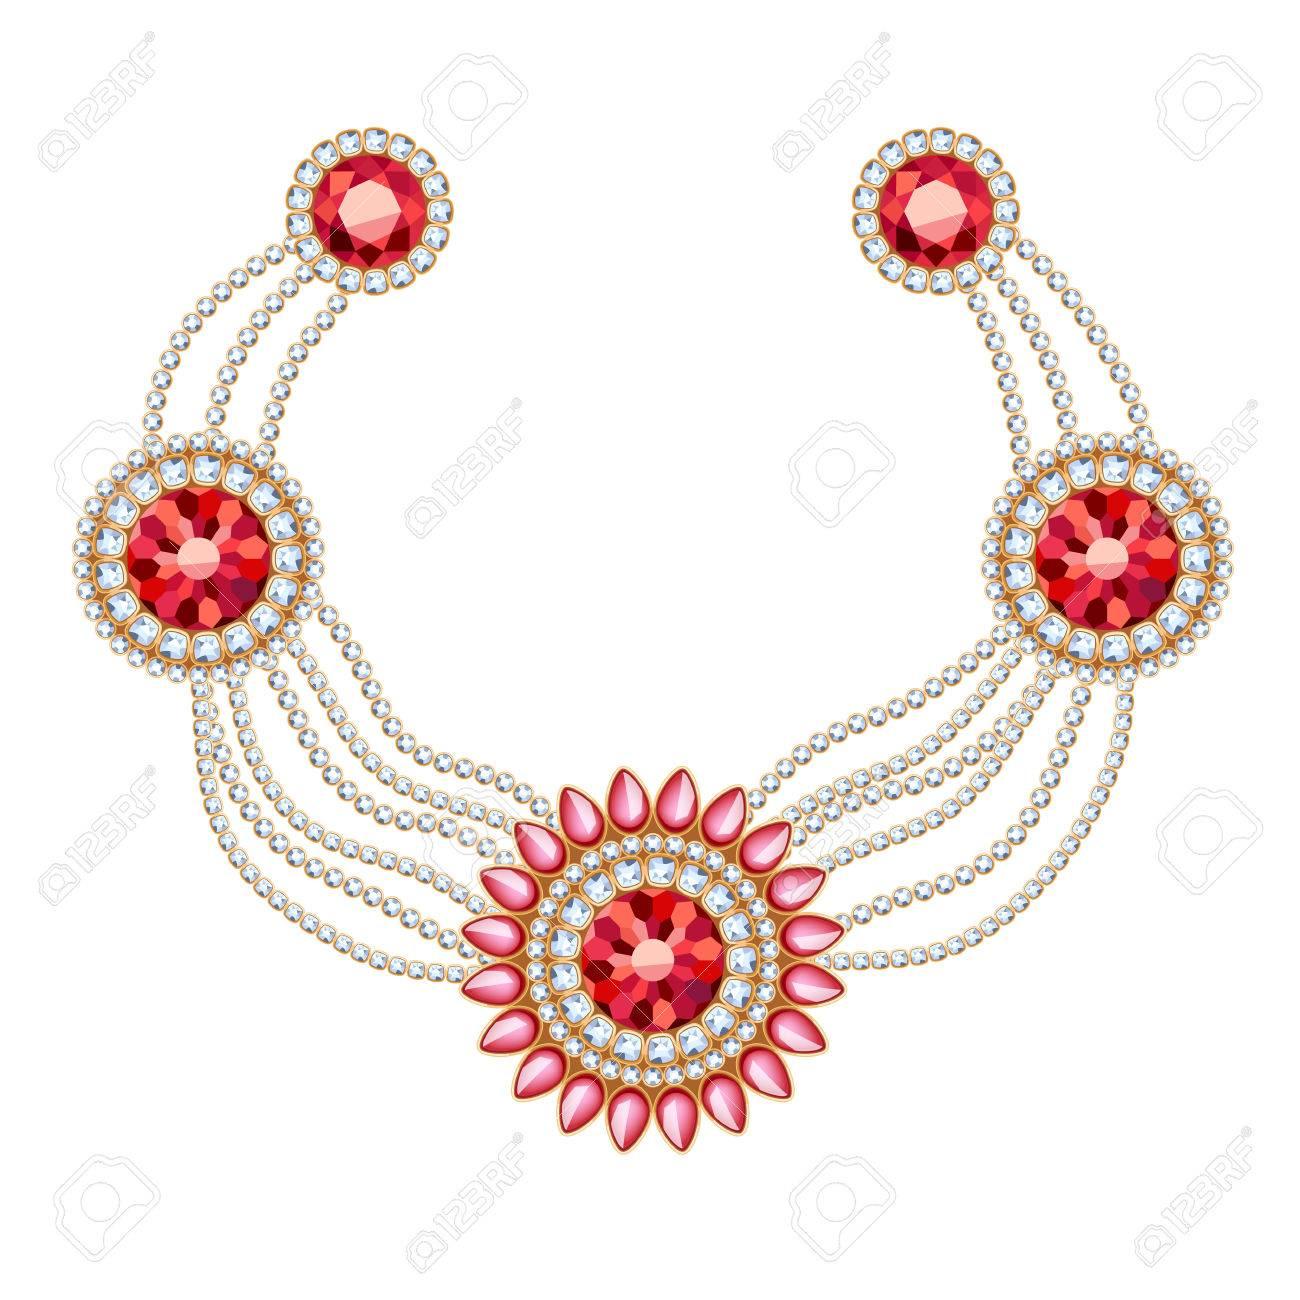 37c7e7021b6c Colgantes redondos collar de oro con las piedras preciosas joyas de rubí en  las cadenas de